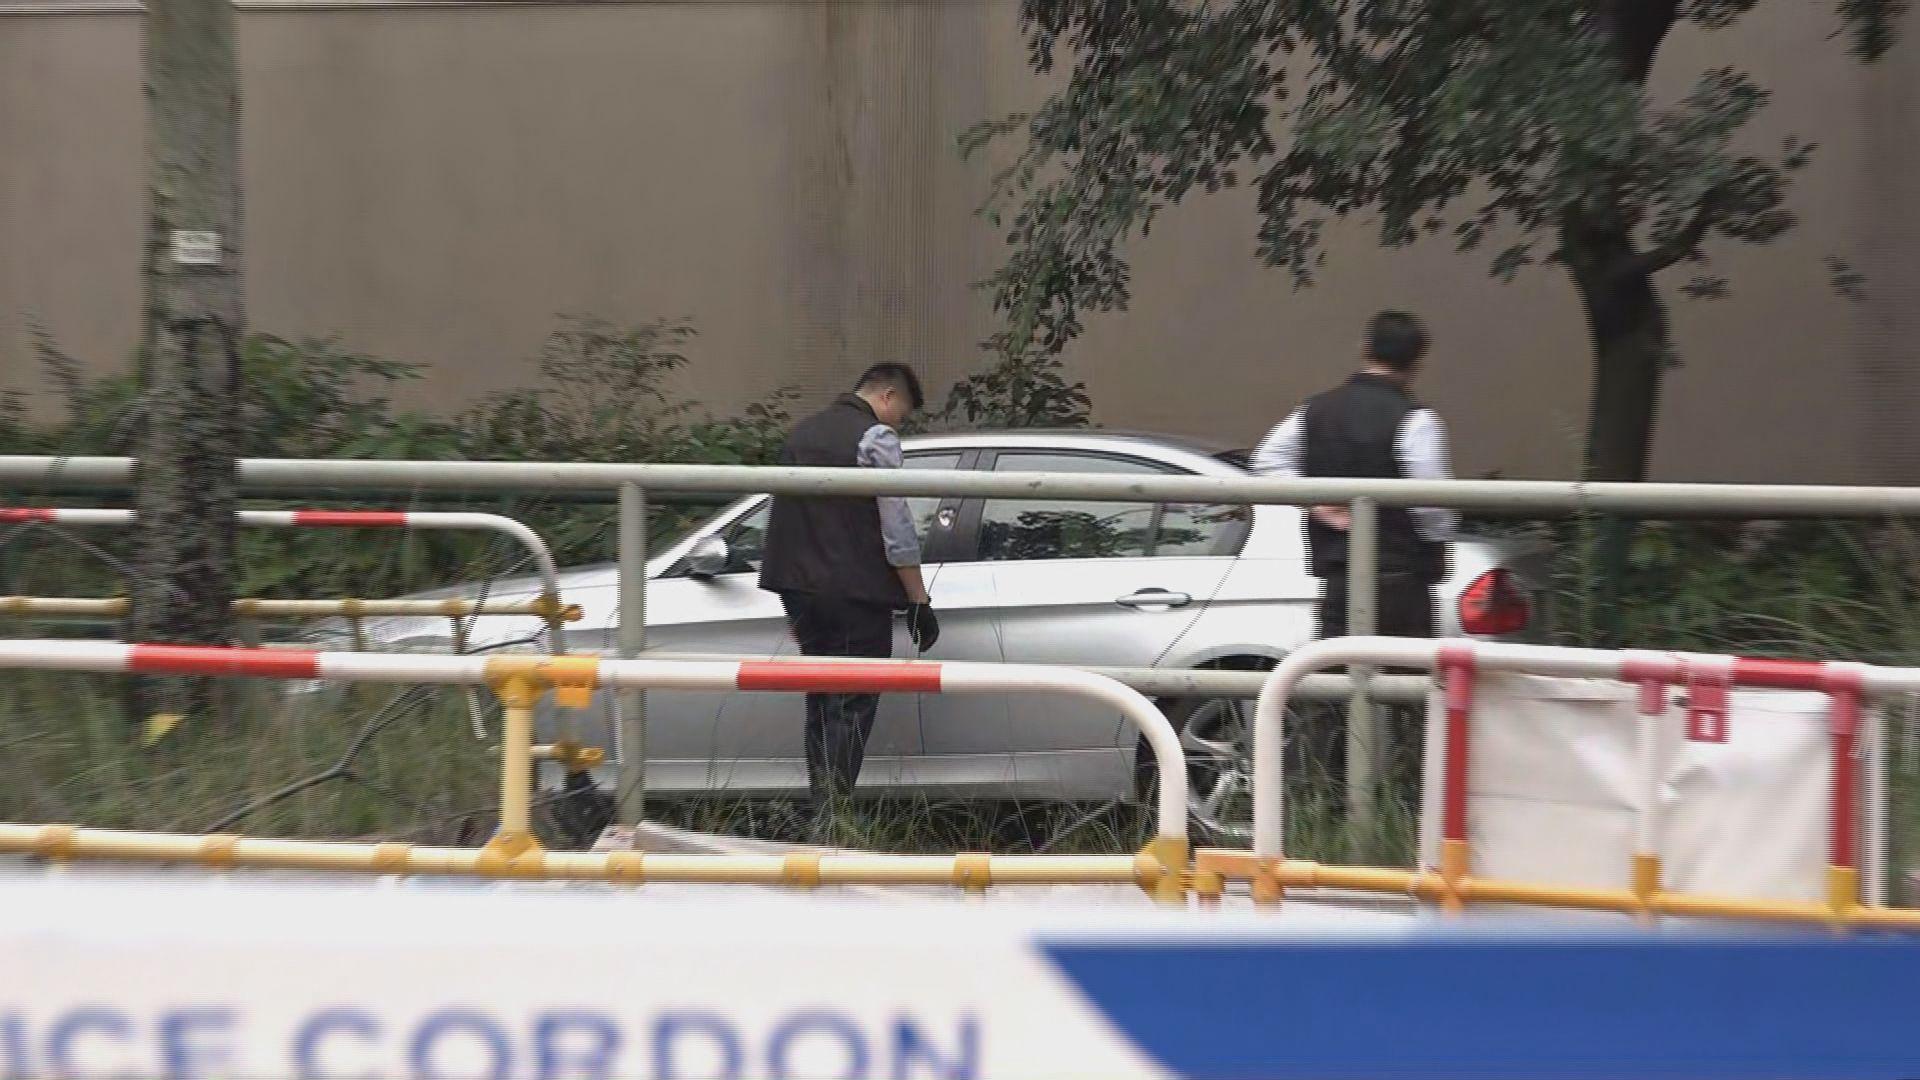 大埔警員開槍追截車輛 失車上檢獲懷疑冰毒